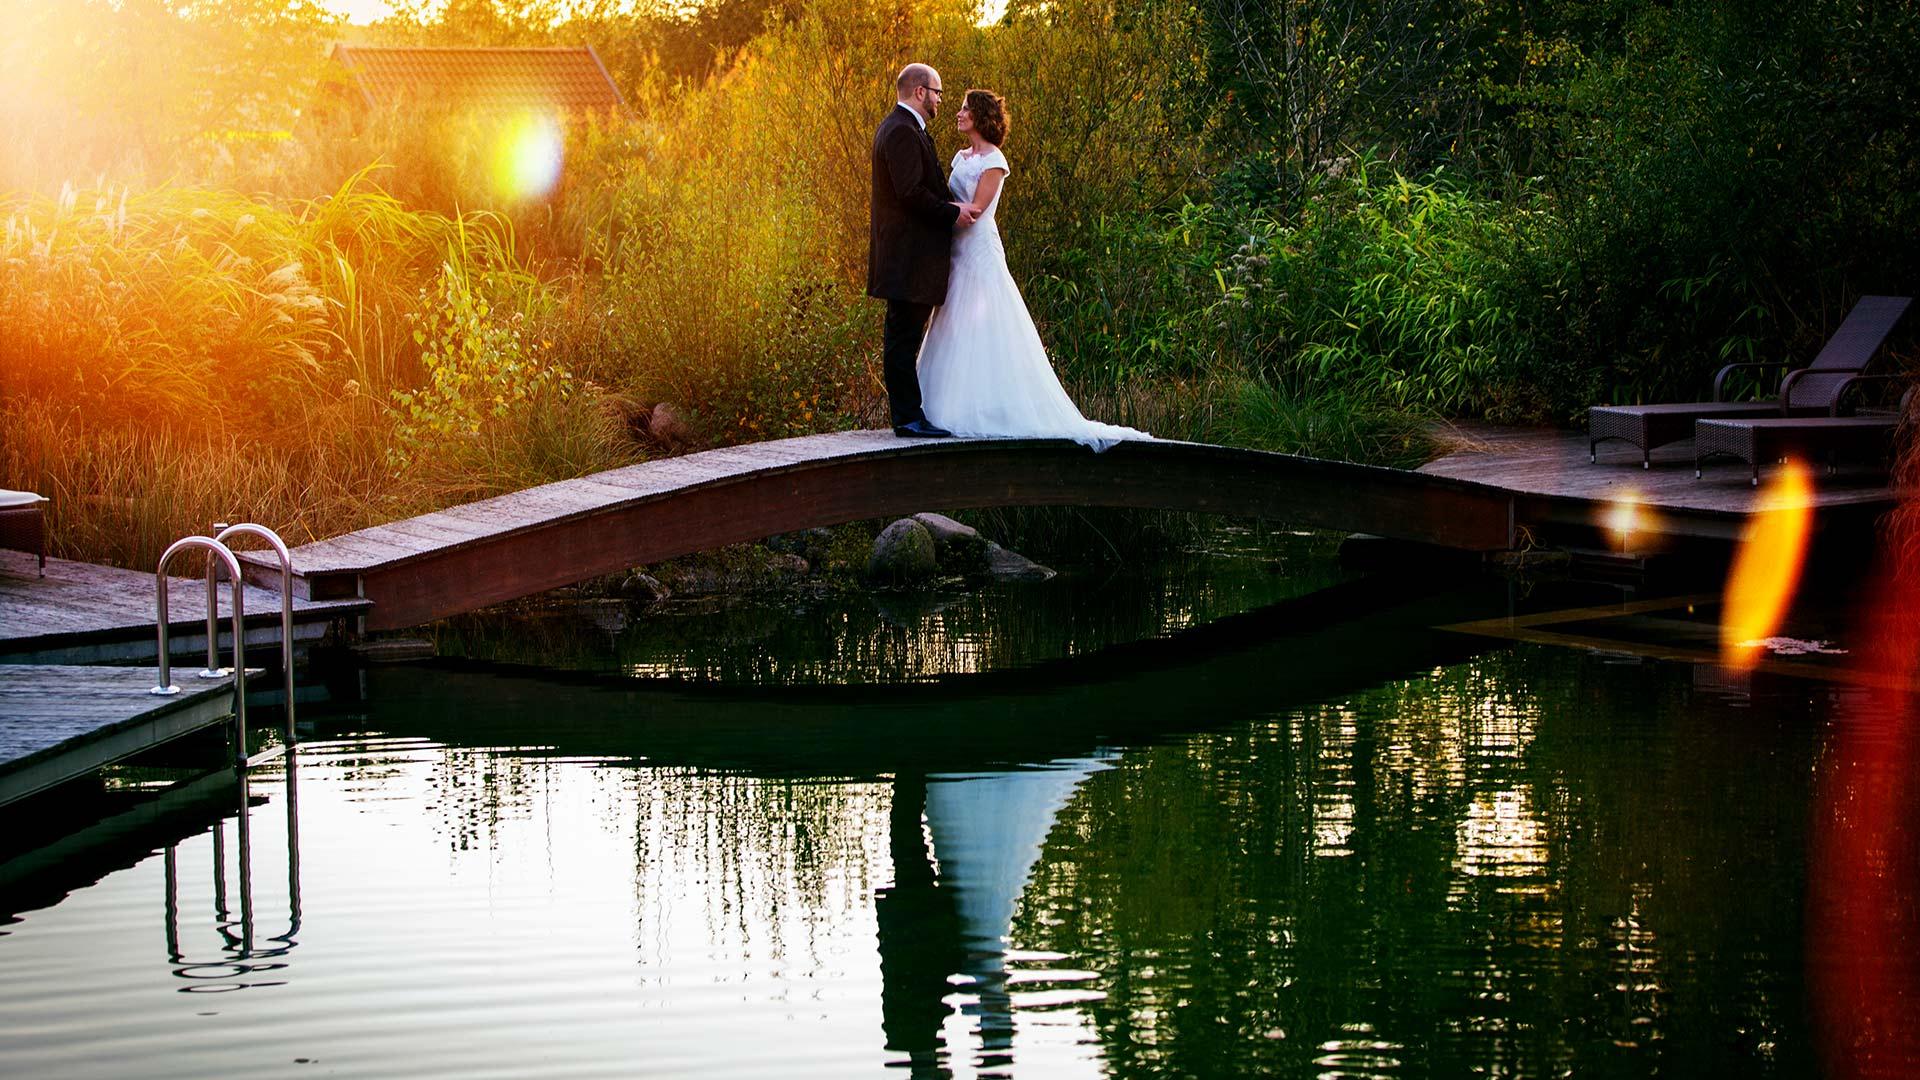 Hochzeitsfotograf NRW fotografiert auch eure Hochzeit in der Klosterpforte Marienfeld und erstellt wunderschöne Hochzeitsfotos